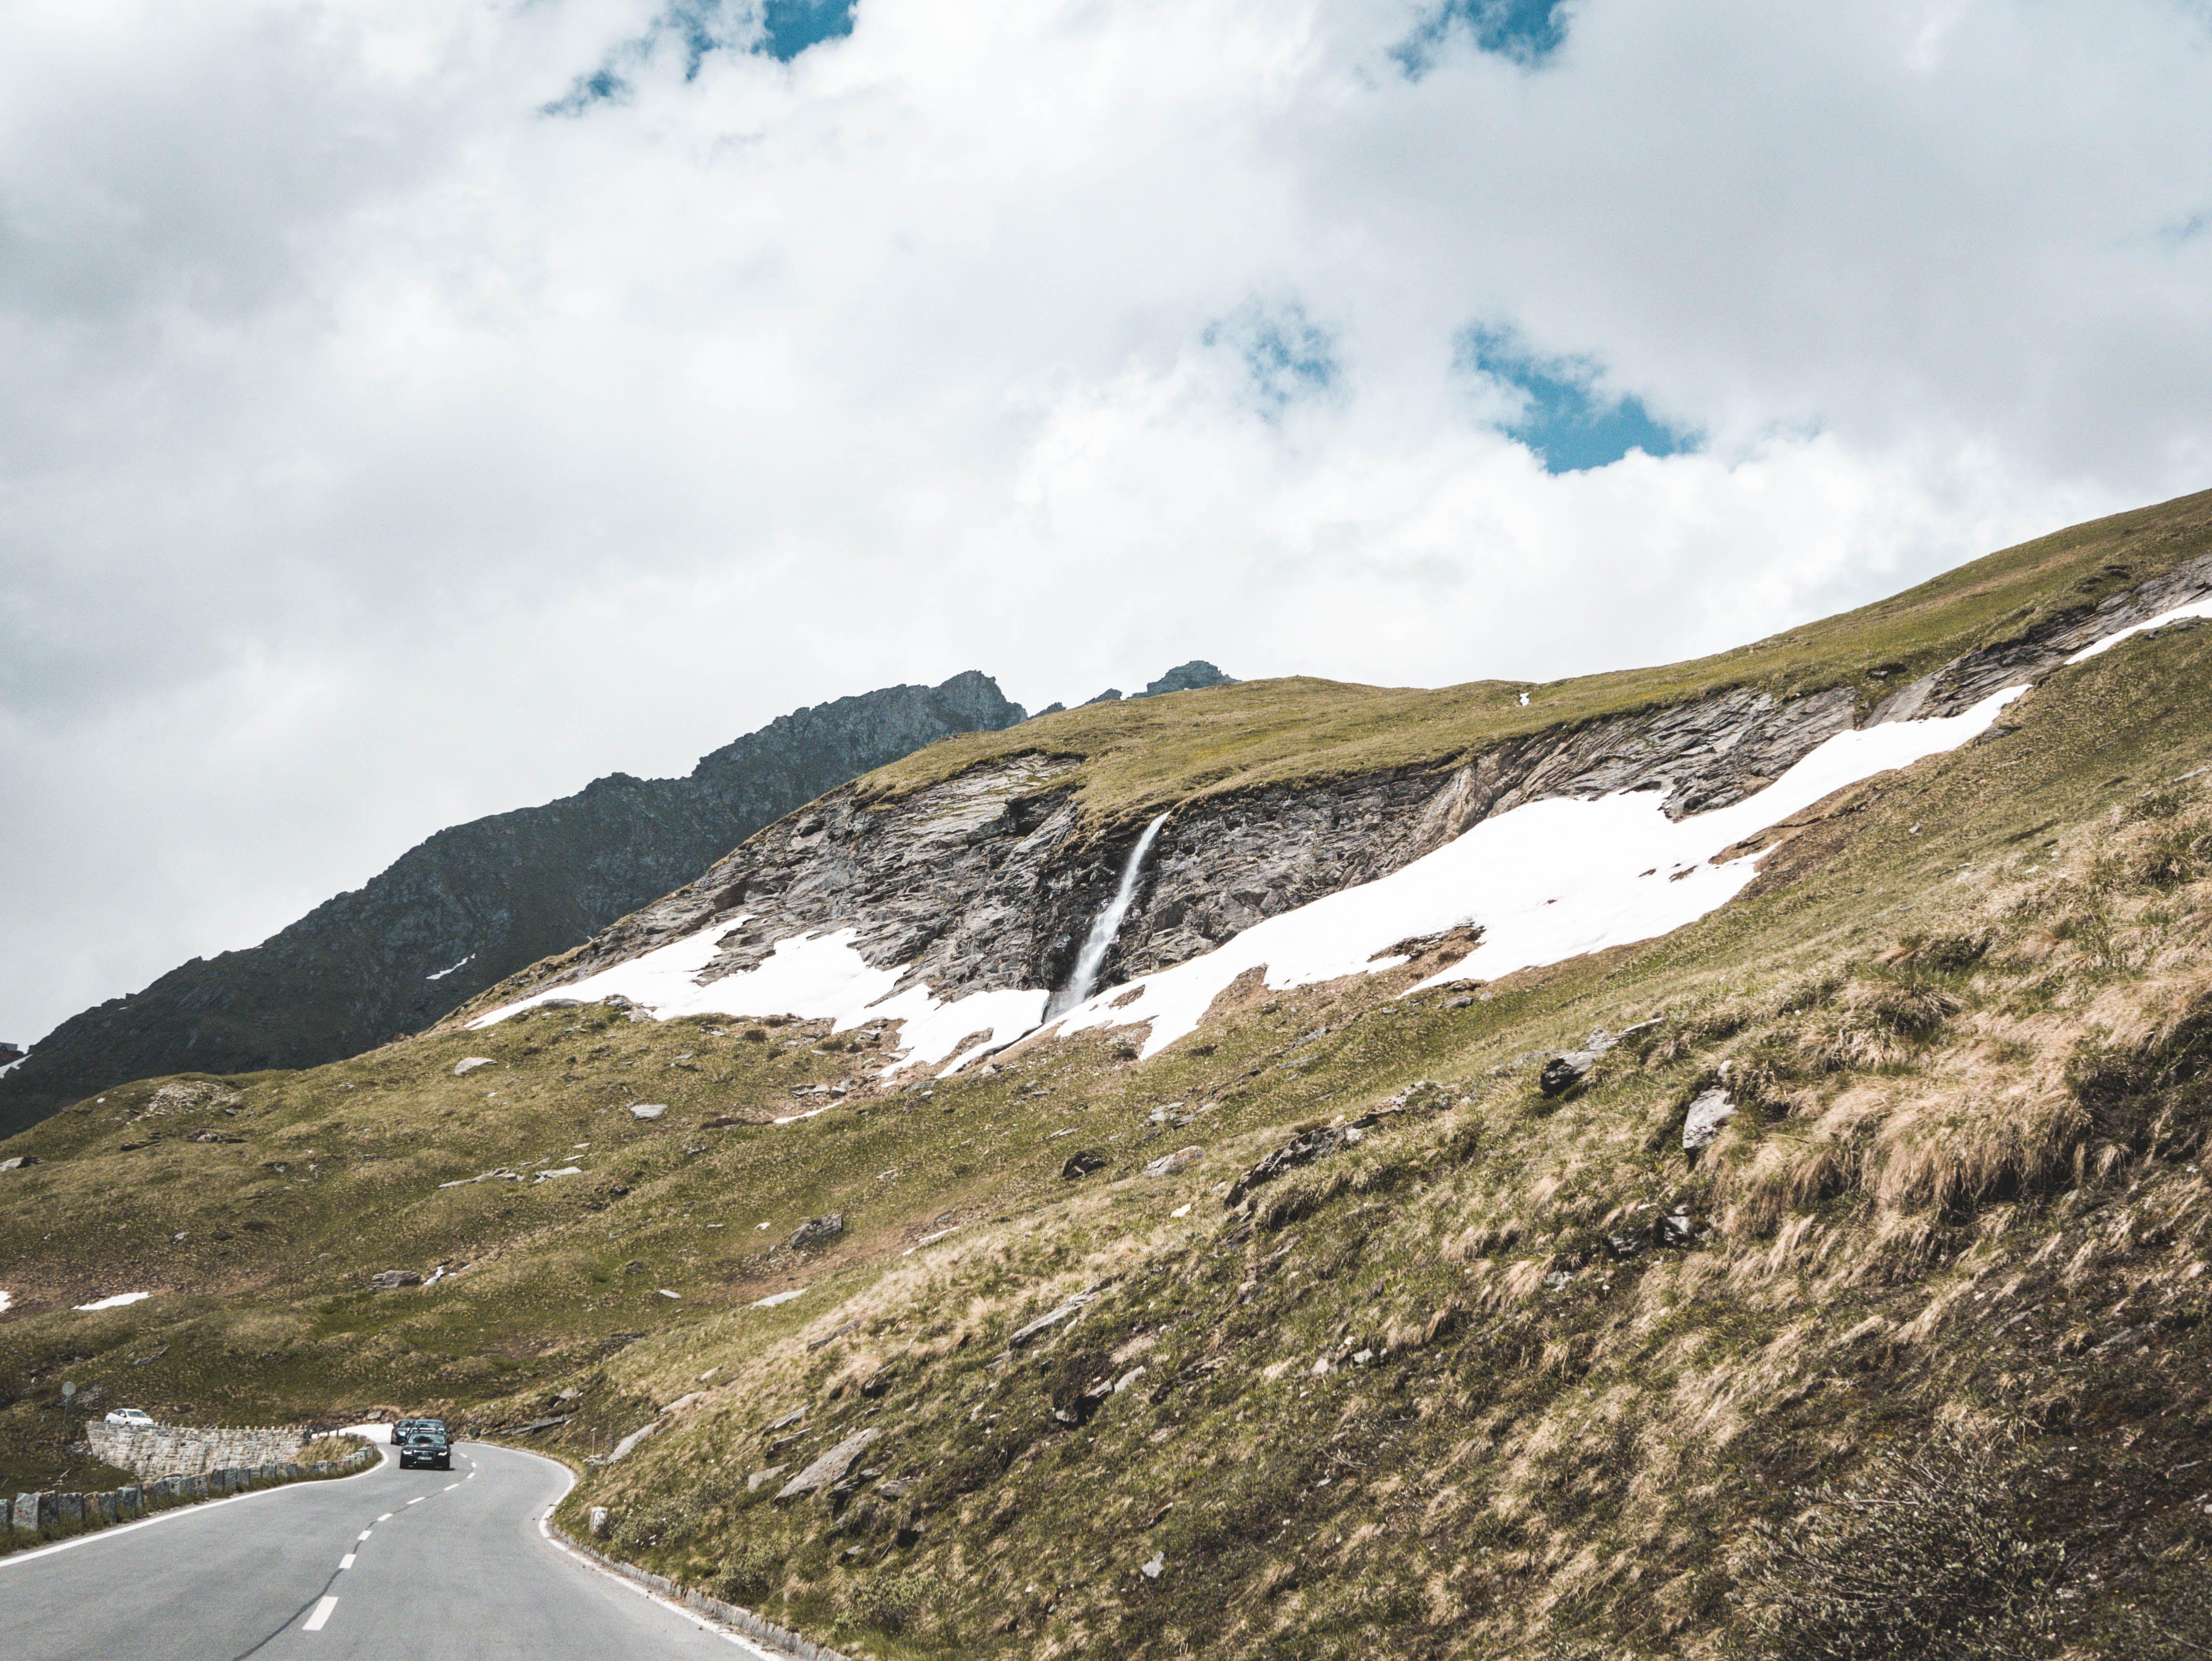 Австрия, Альпийский, асфальт